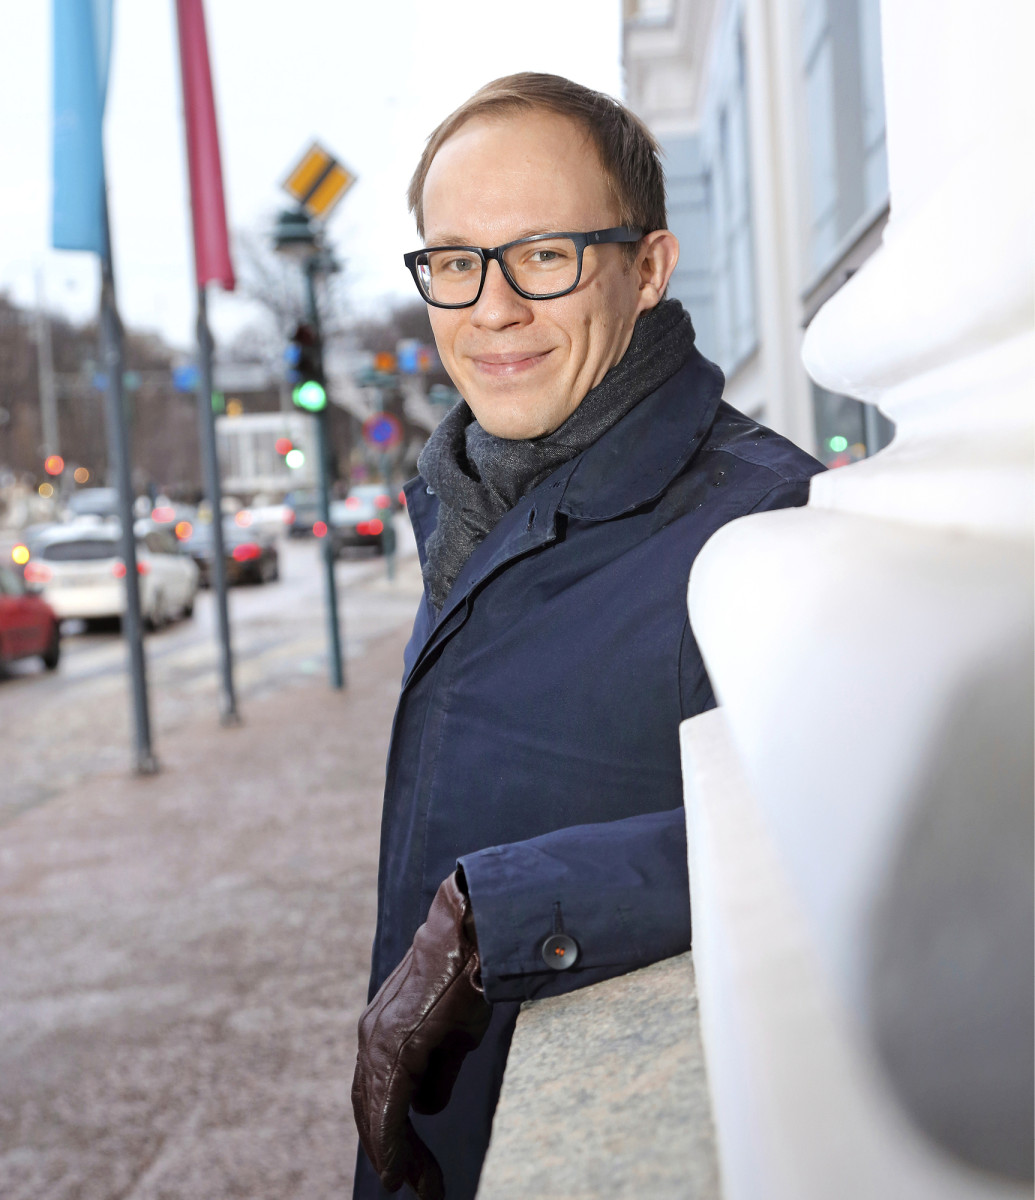 Helsingin kokoomuksen valtuustoryhmän puheenjohtaja Lasse Männistö kehuu neuvotteluilmapiiriä valtuustoryhmien kesken.